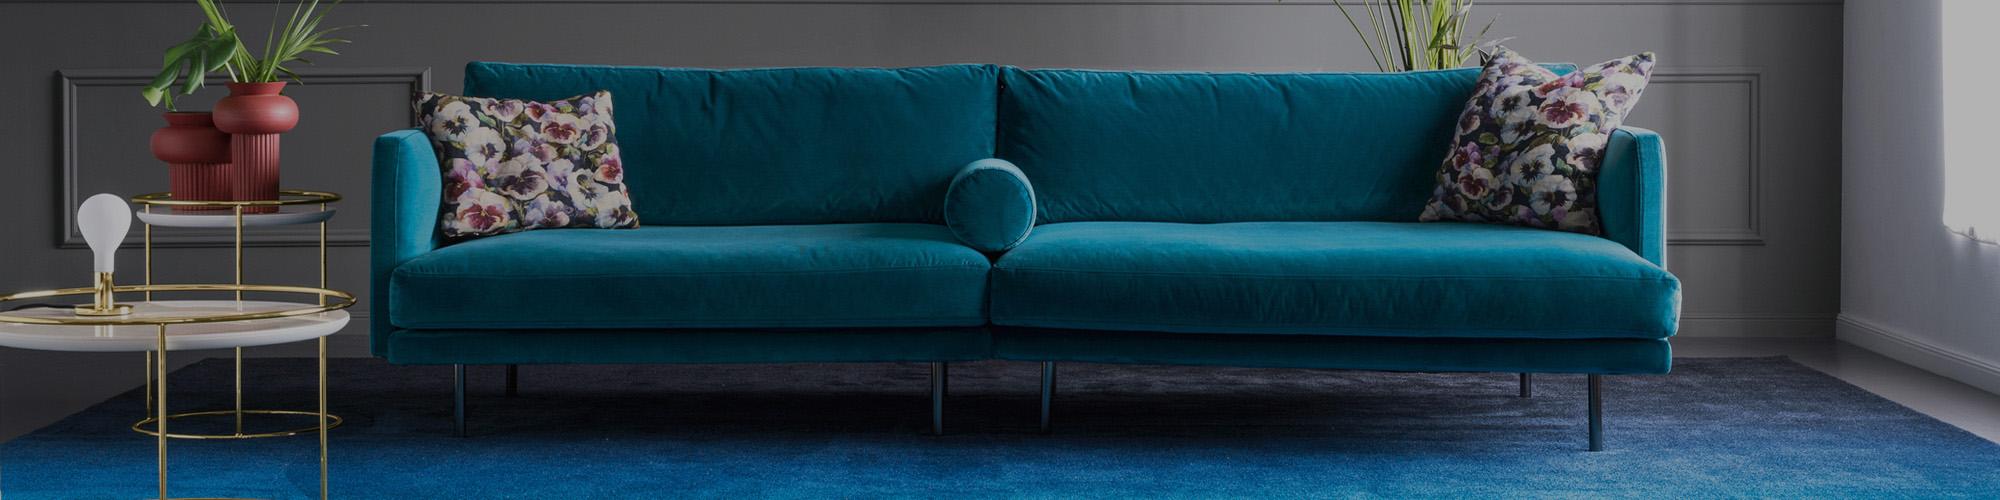 calligaris sofas uk intex sofa air bed reviews italian furniture buy online at fci london